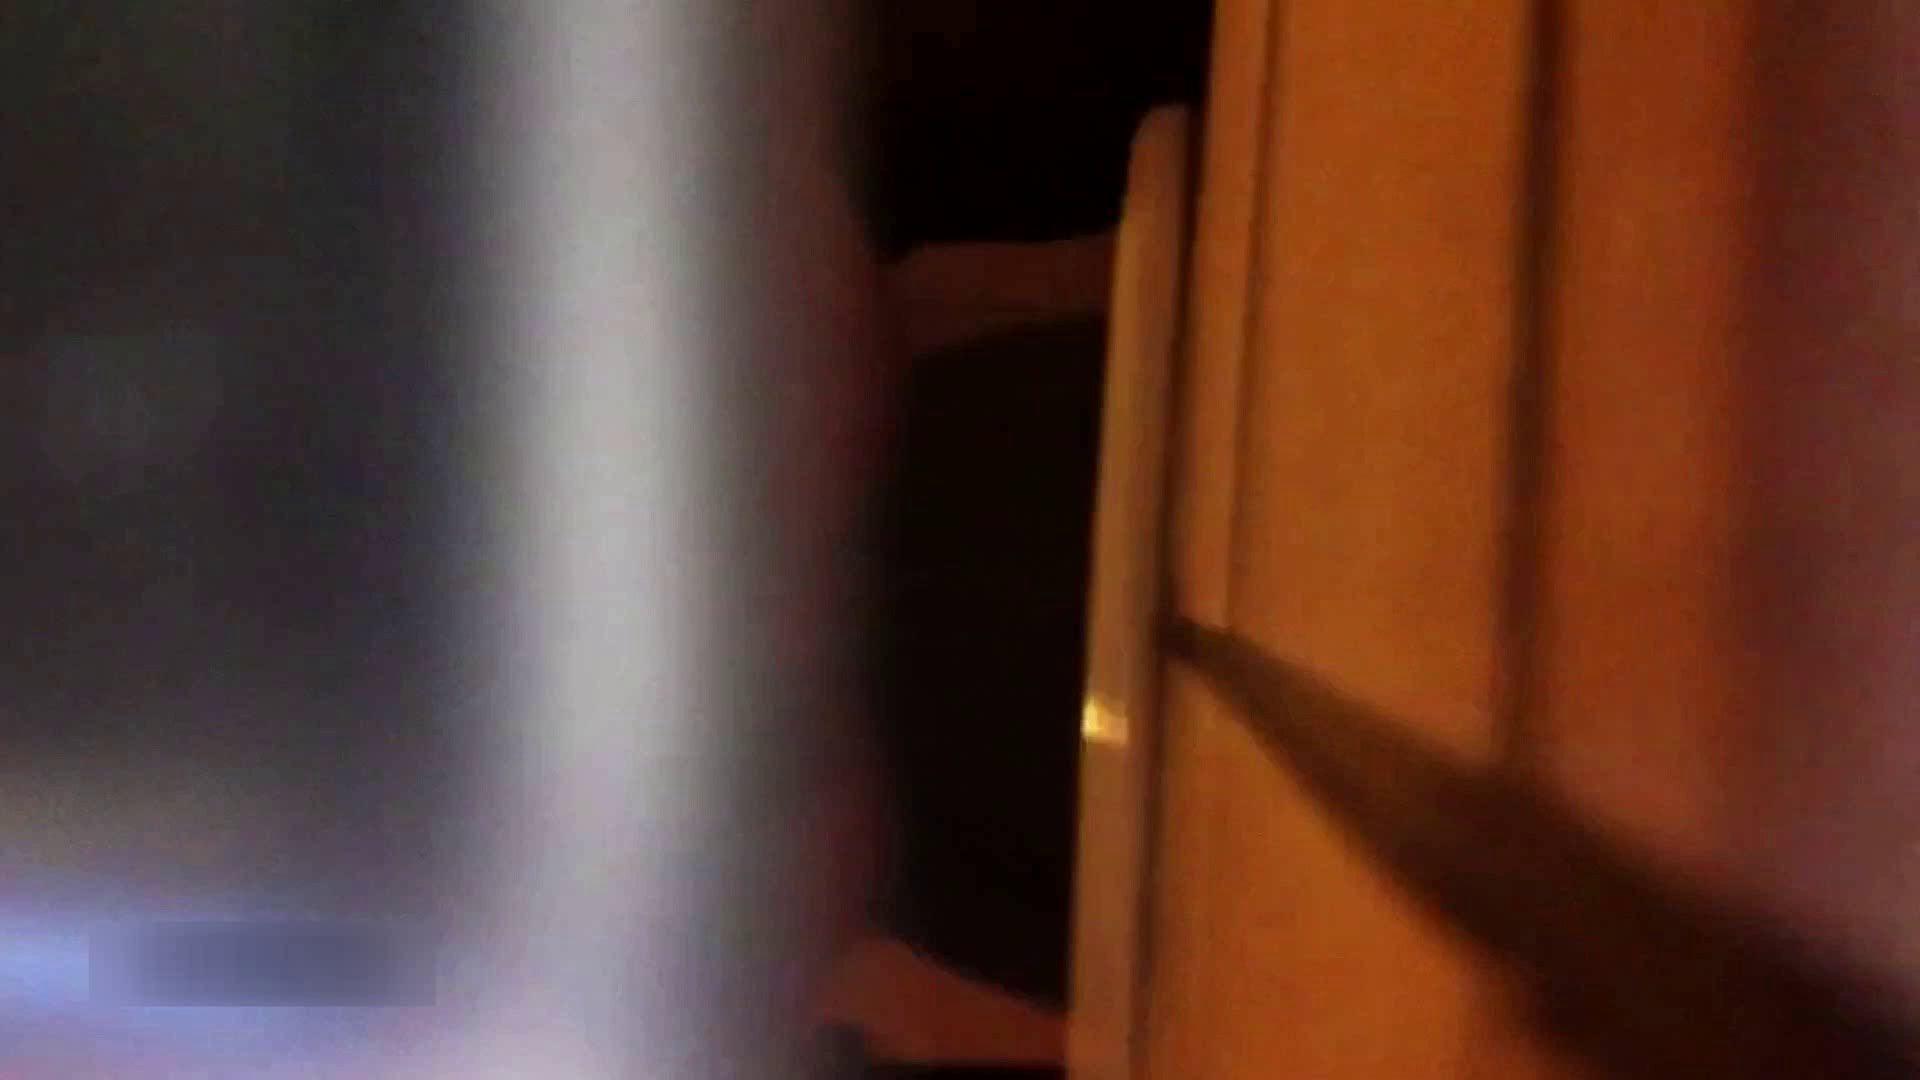 お姉さんの恥便所盗撮! Vol.24 OLの実態 盗撮ワレメ無修正動画無料 20pic 2